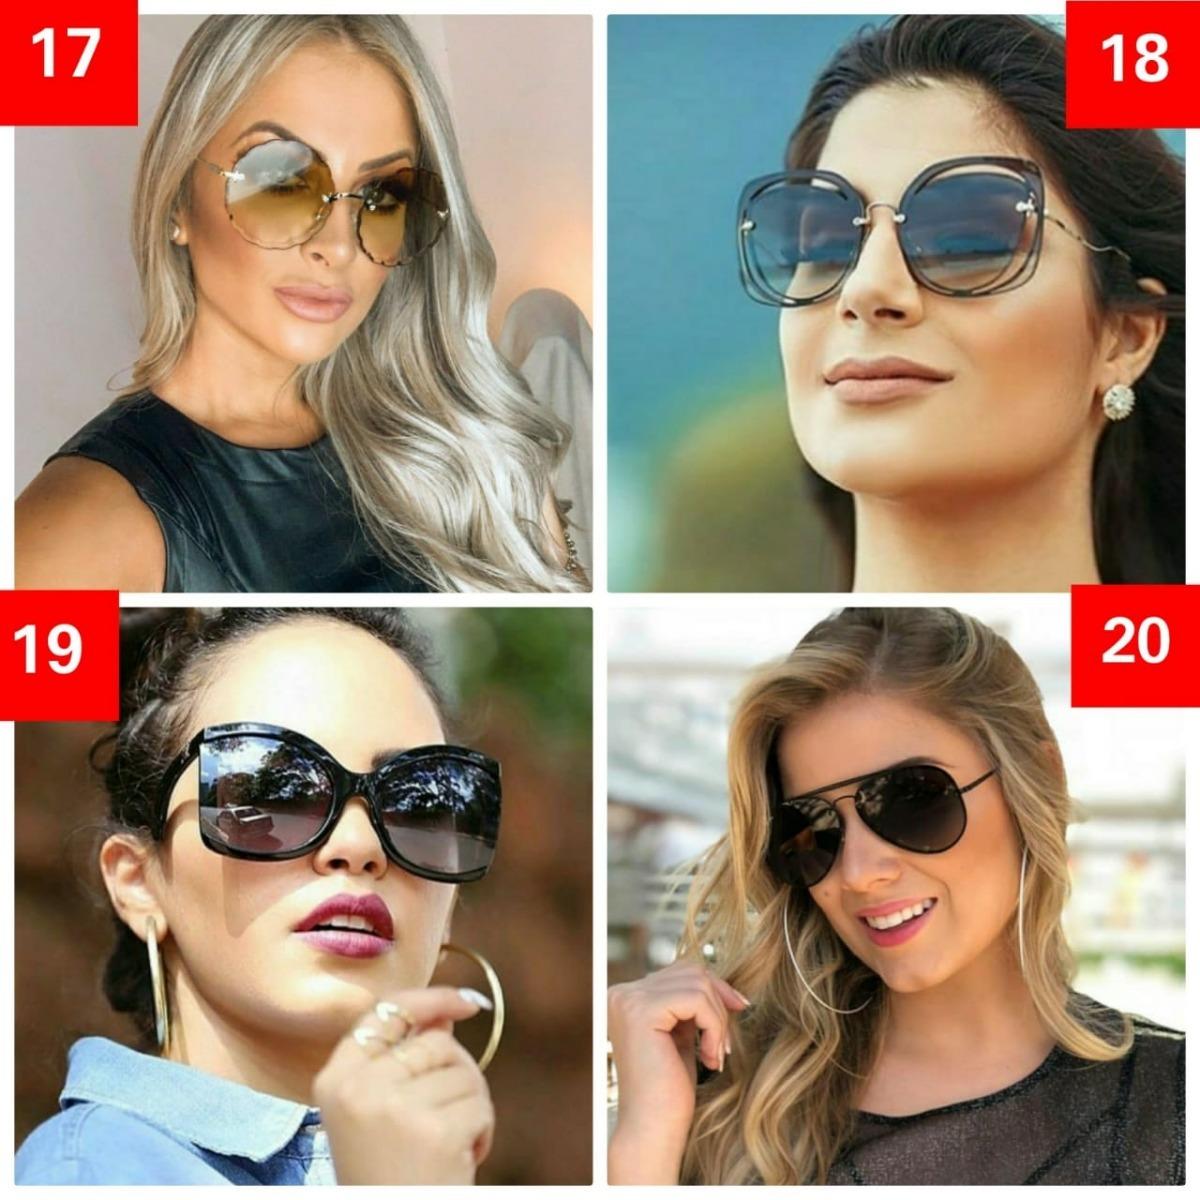 6a1ce3a4b 10x óculos de sol escuro espelhado barato promoção + case. Carregando zoom.